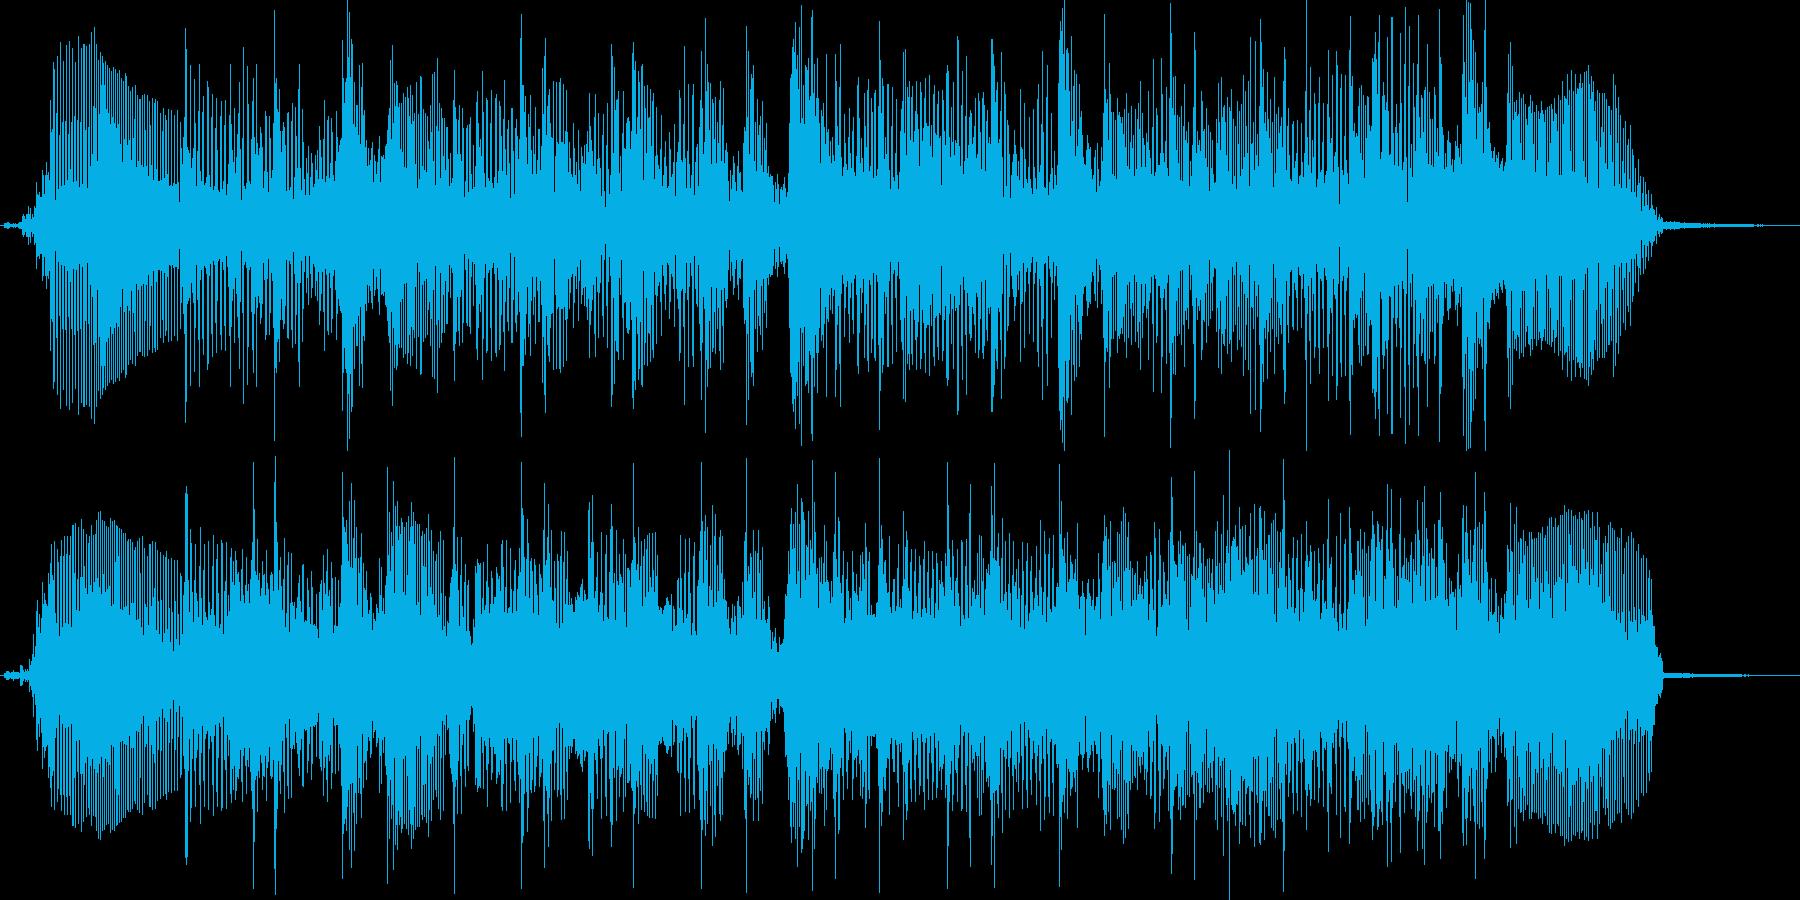 ベースサウンドジングル曲の再生済みの波形